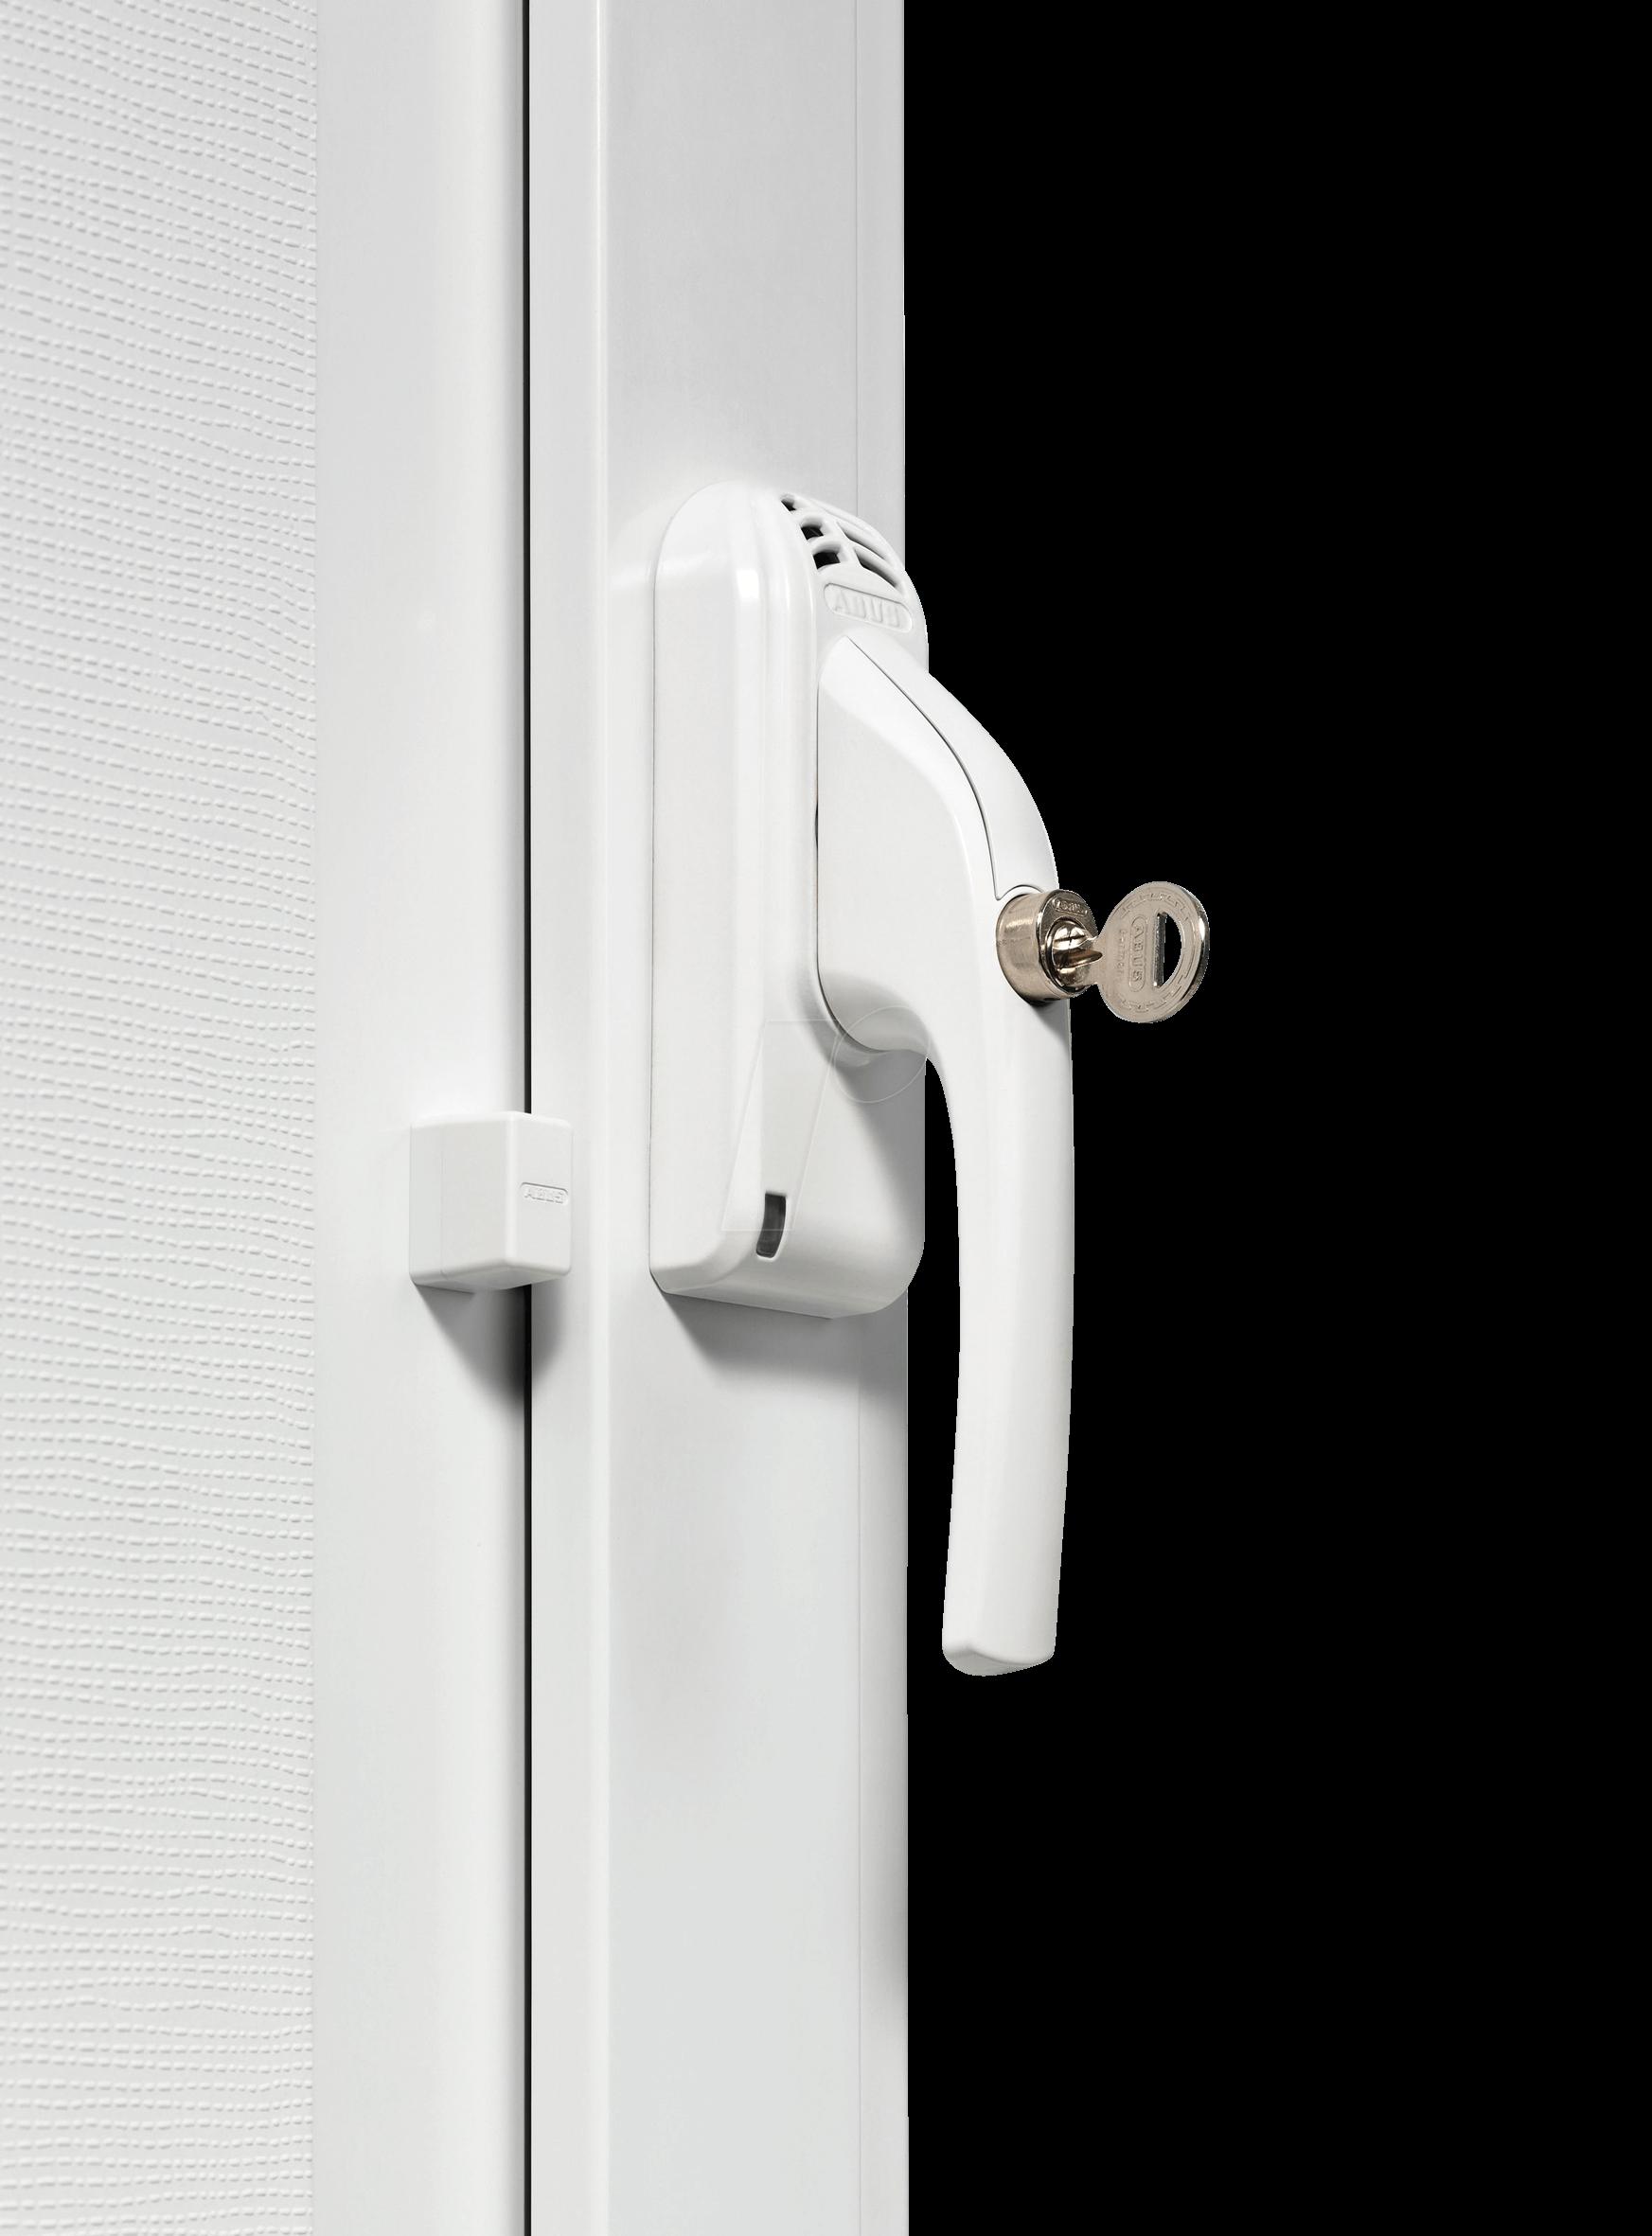 abfg68077 fenstergriff mit alarm din links wei bei reichelt elektronik. Black Bedroom Furniture Sets. Home Design Ideas